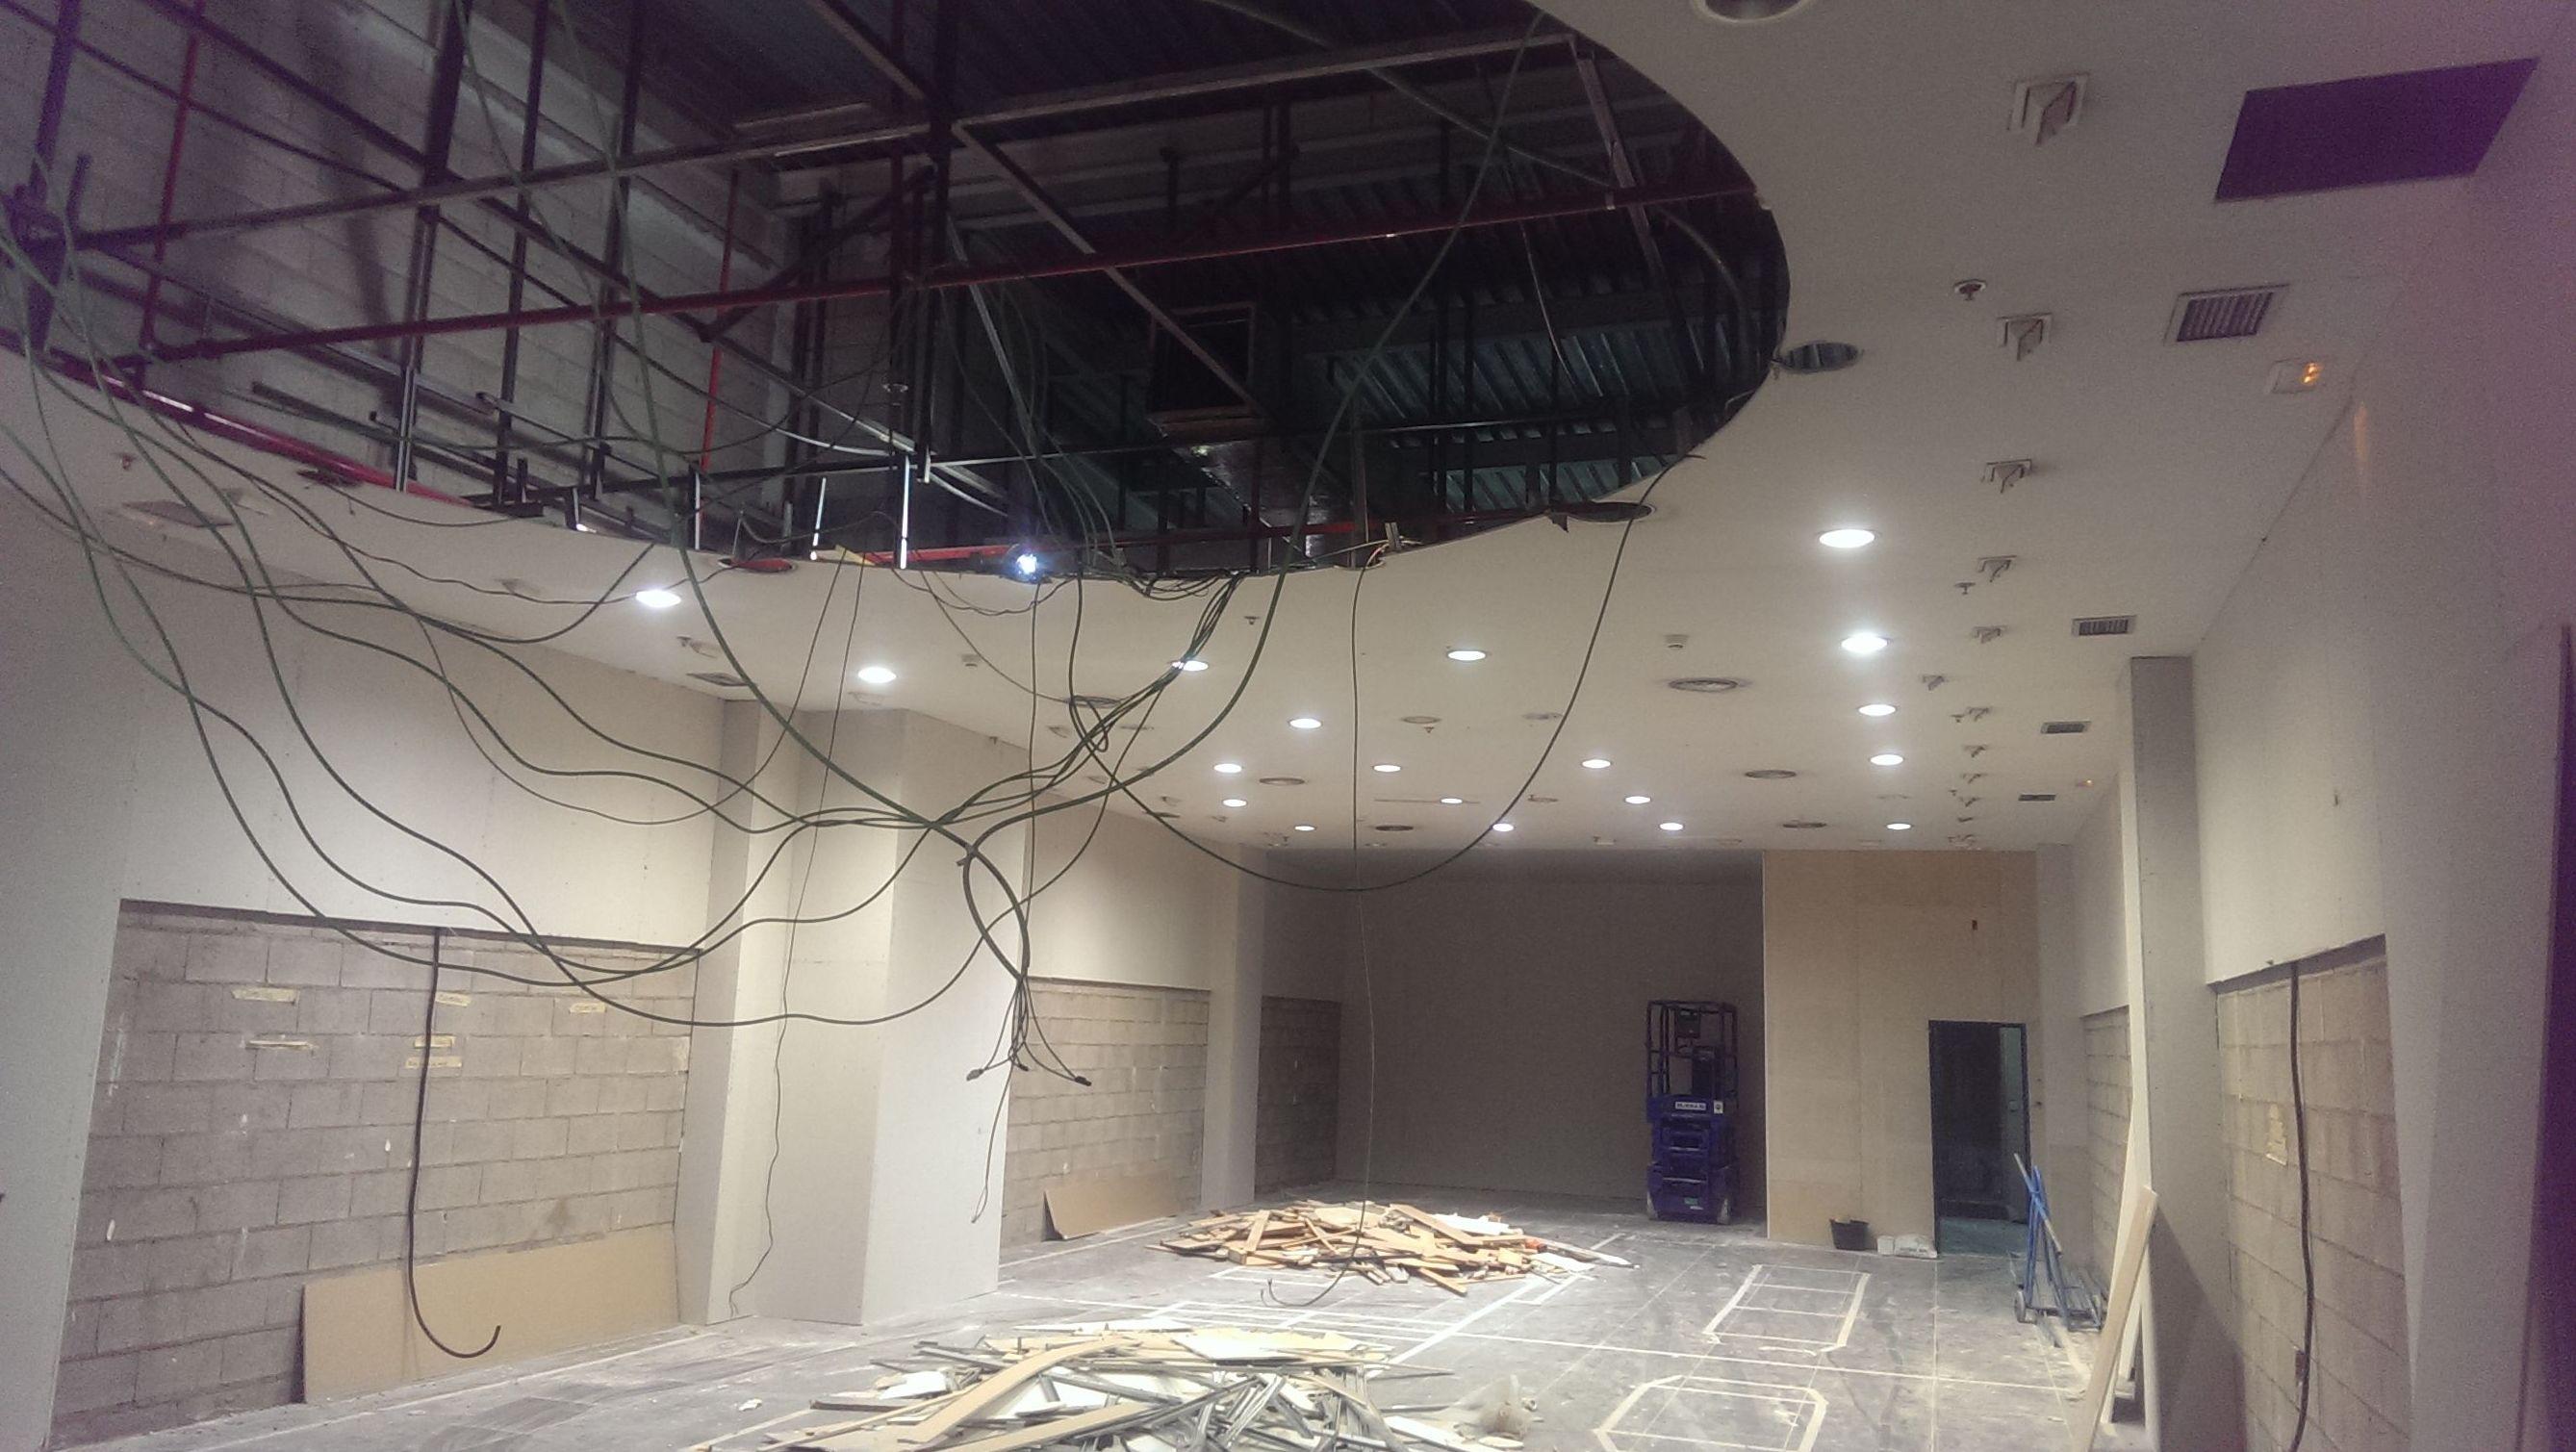 Apertura de hueco para formar tabica circular y techo en Getafe